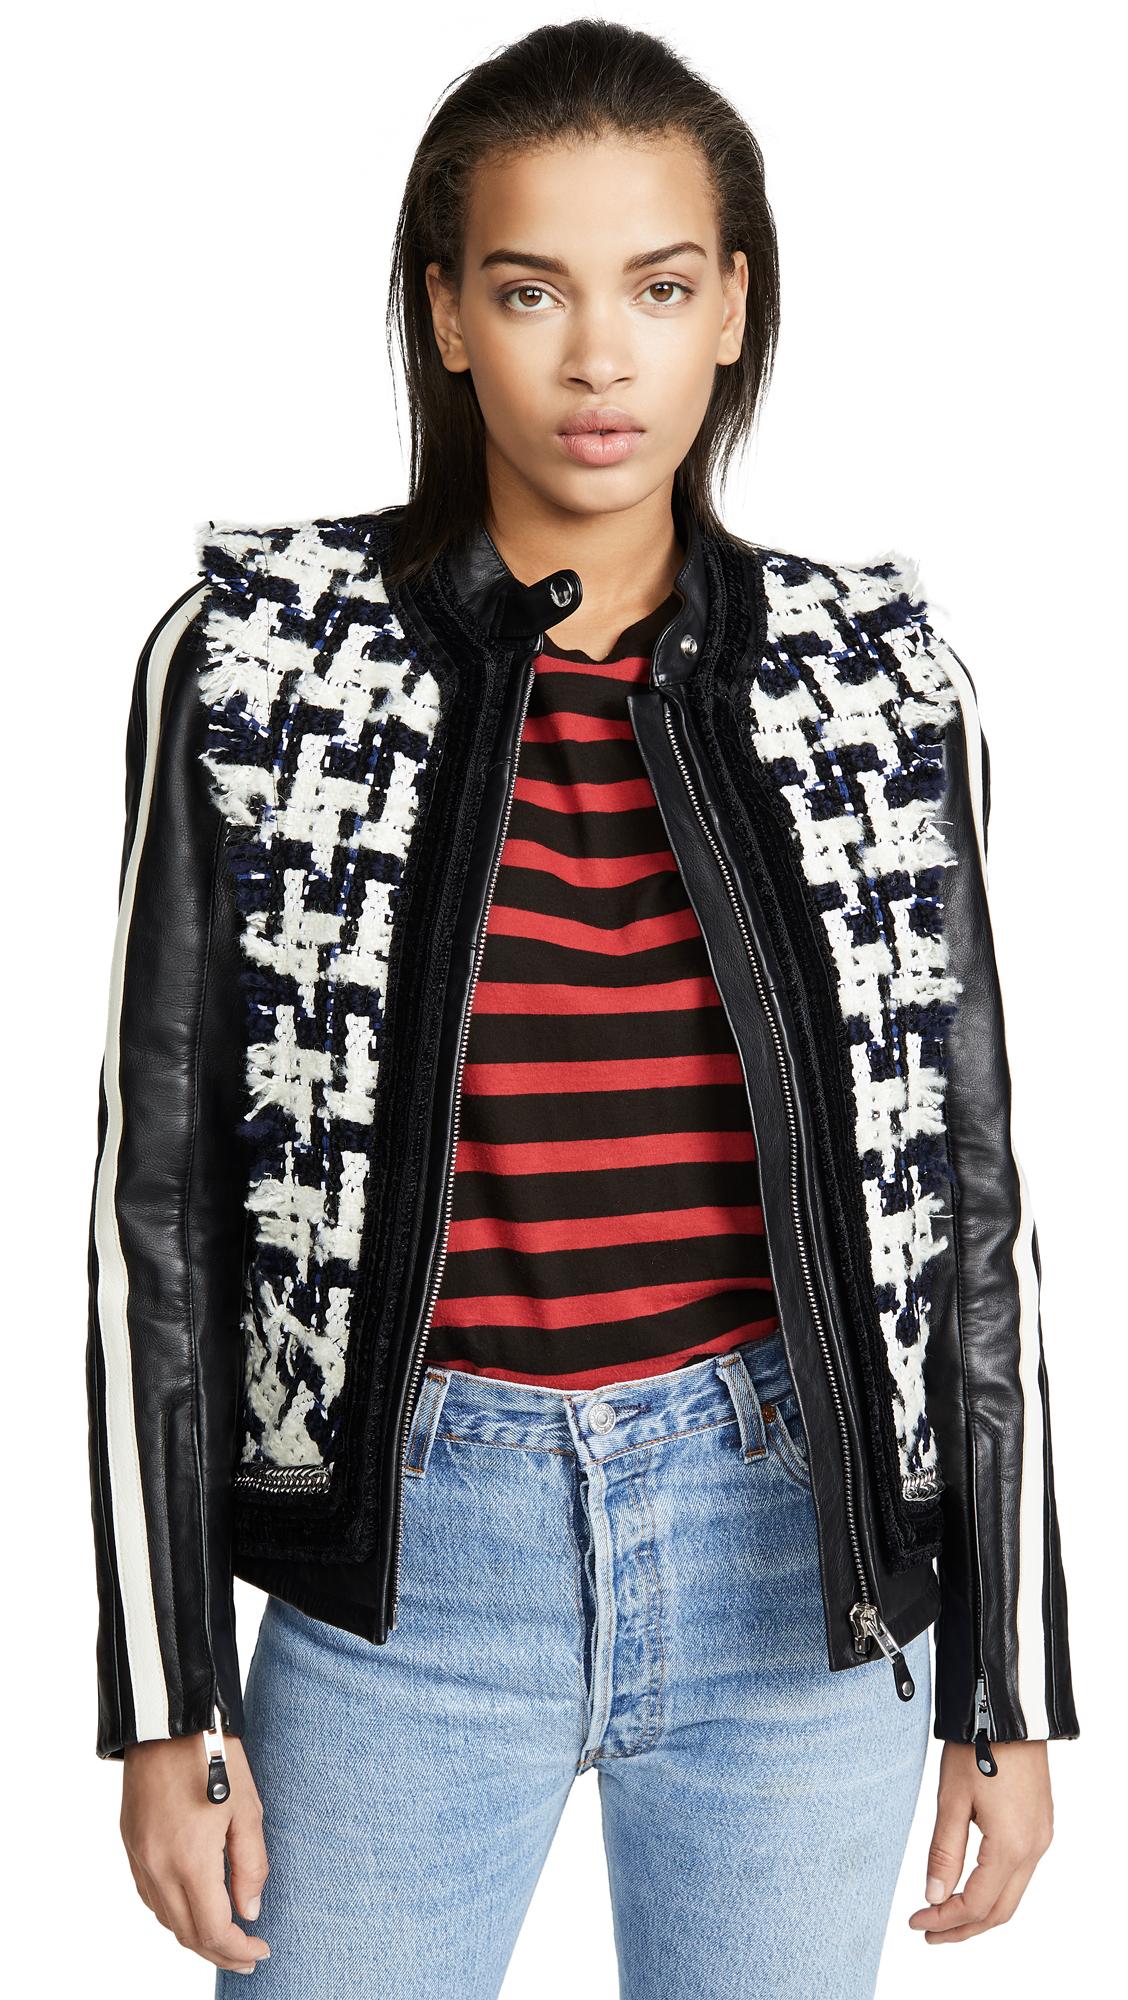 Oversized Tweed & Leather Hybrid Jacket in Black